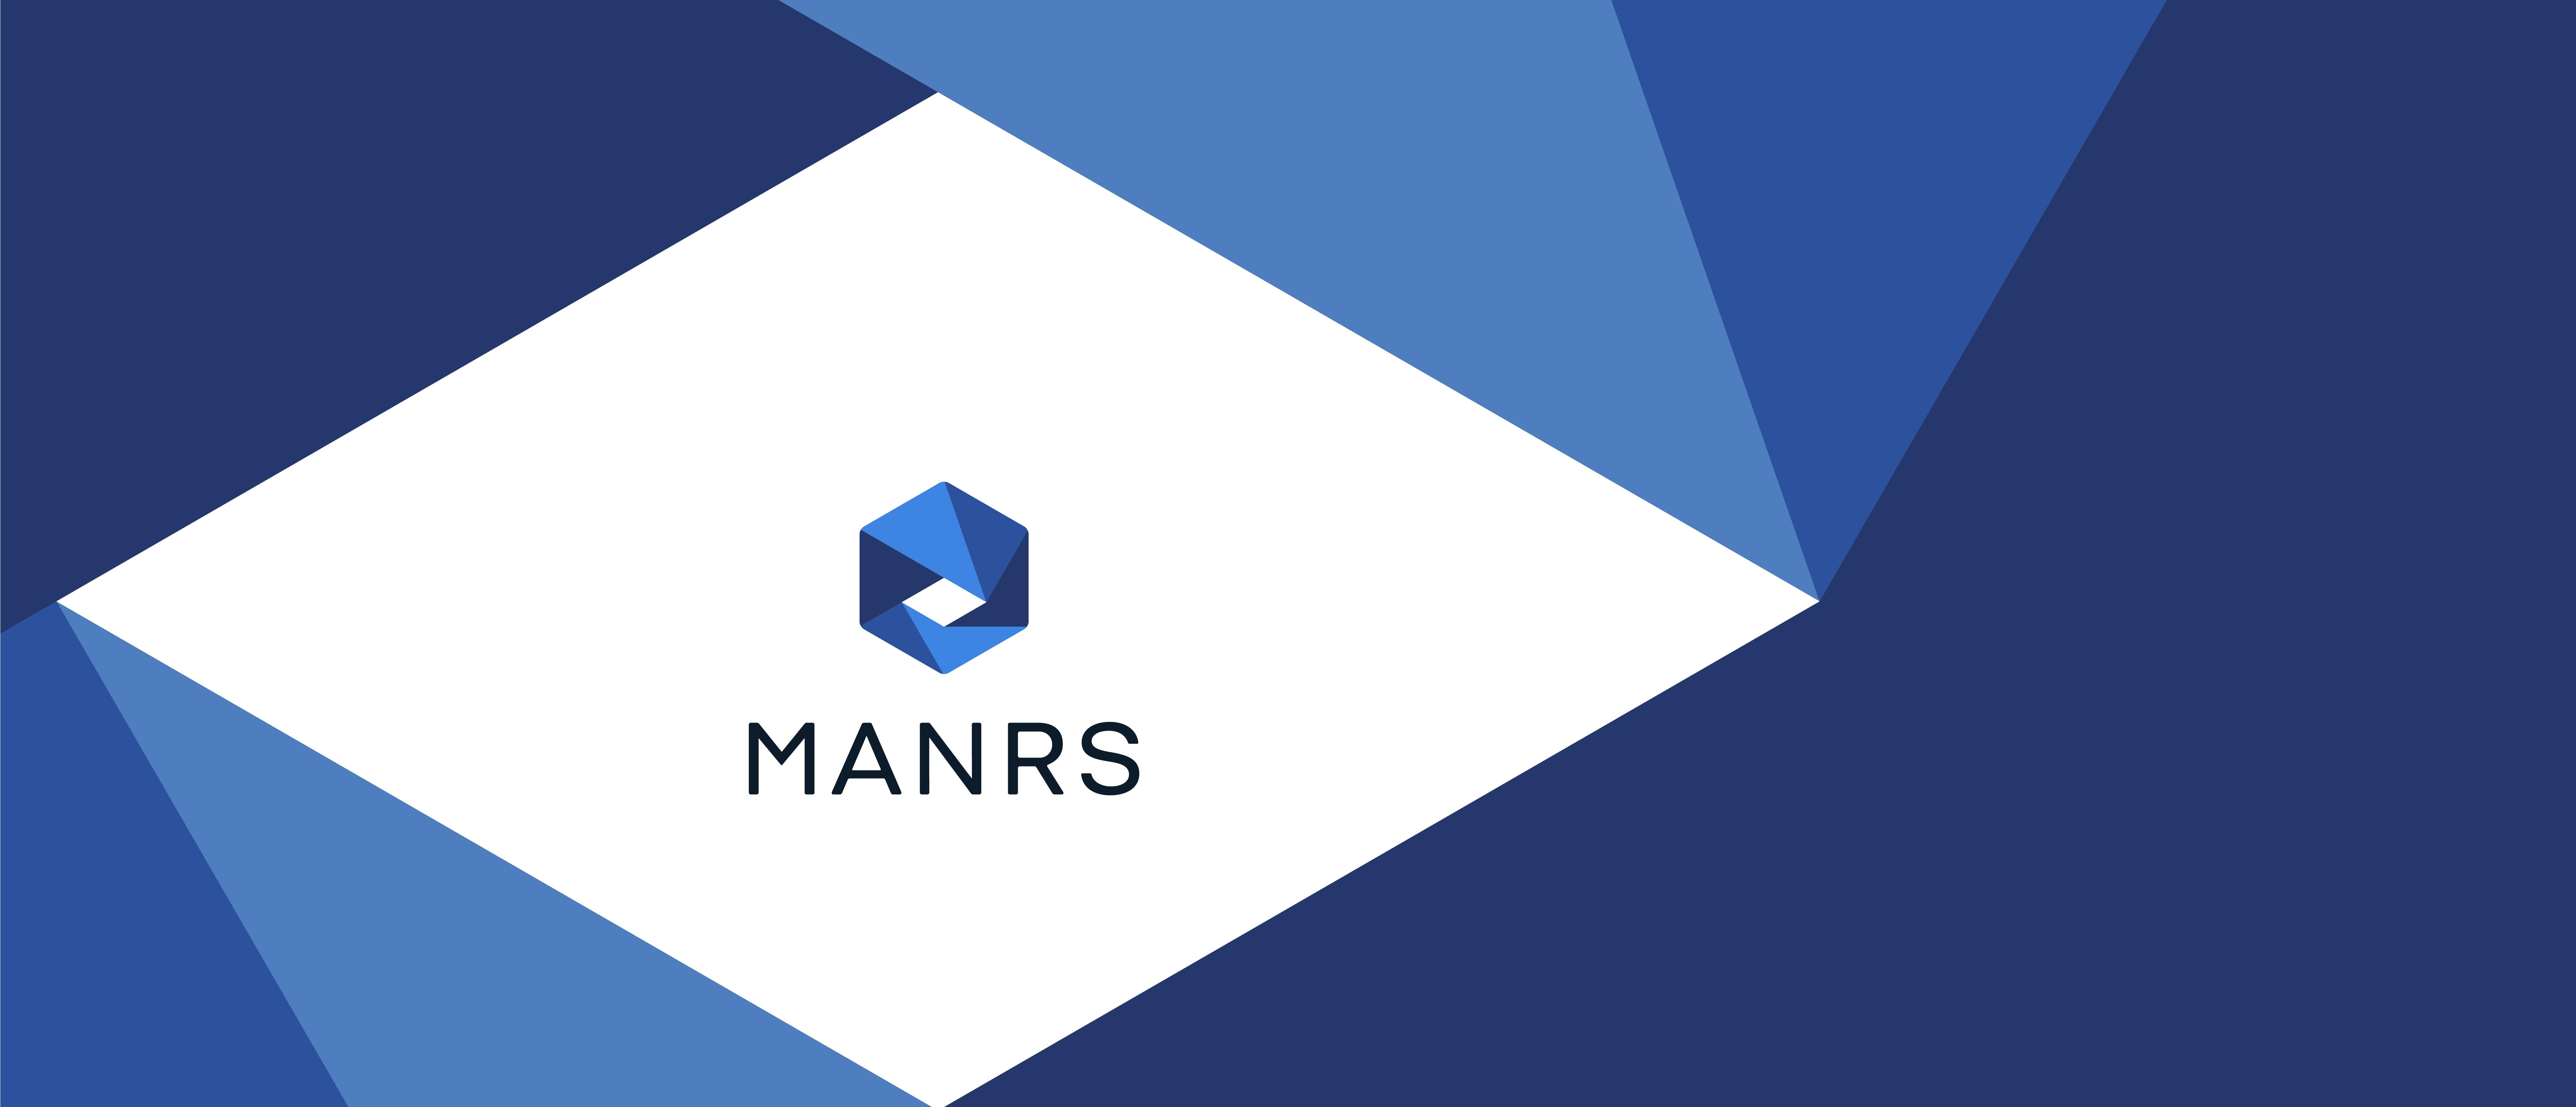 Nuevos manuales de seguridad de enrutamiento de MANRS para los responsables de la toma de decisiones Thumbnail